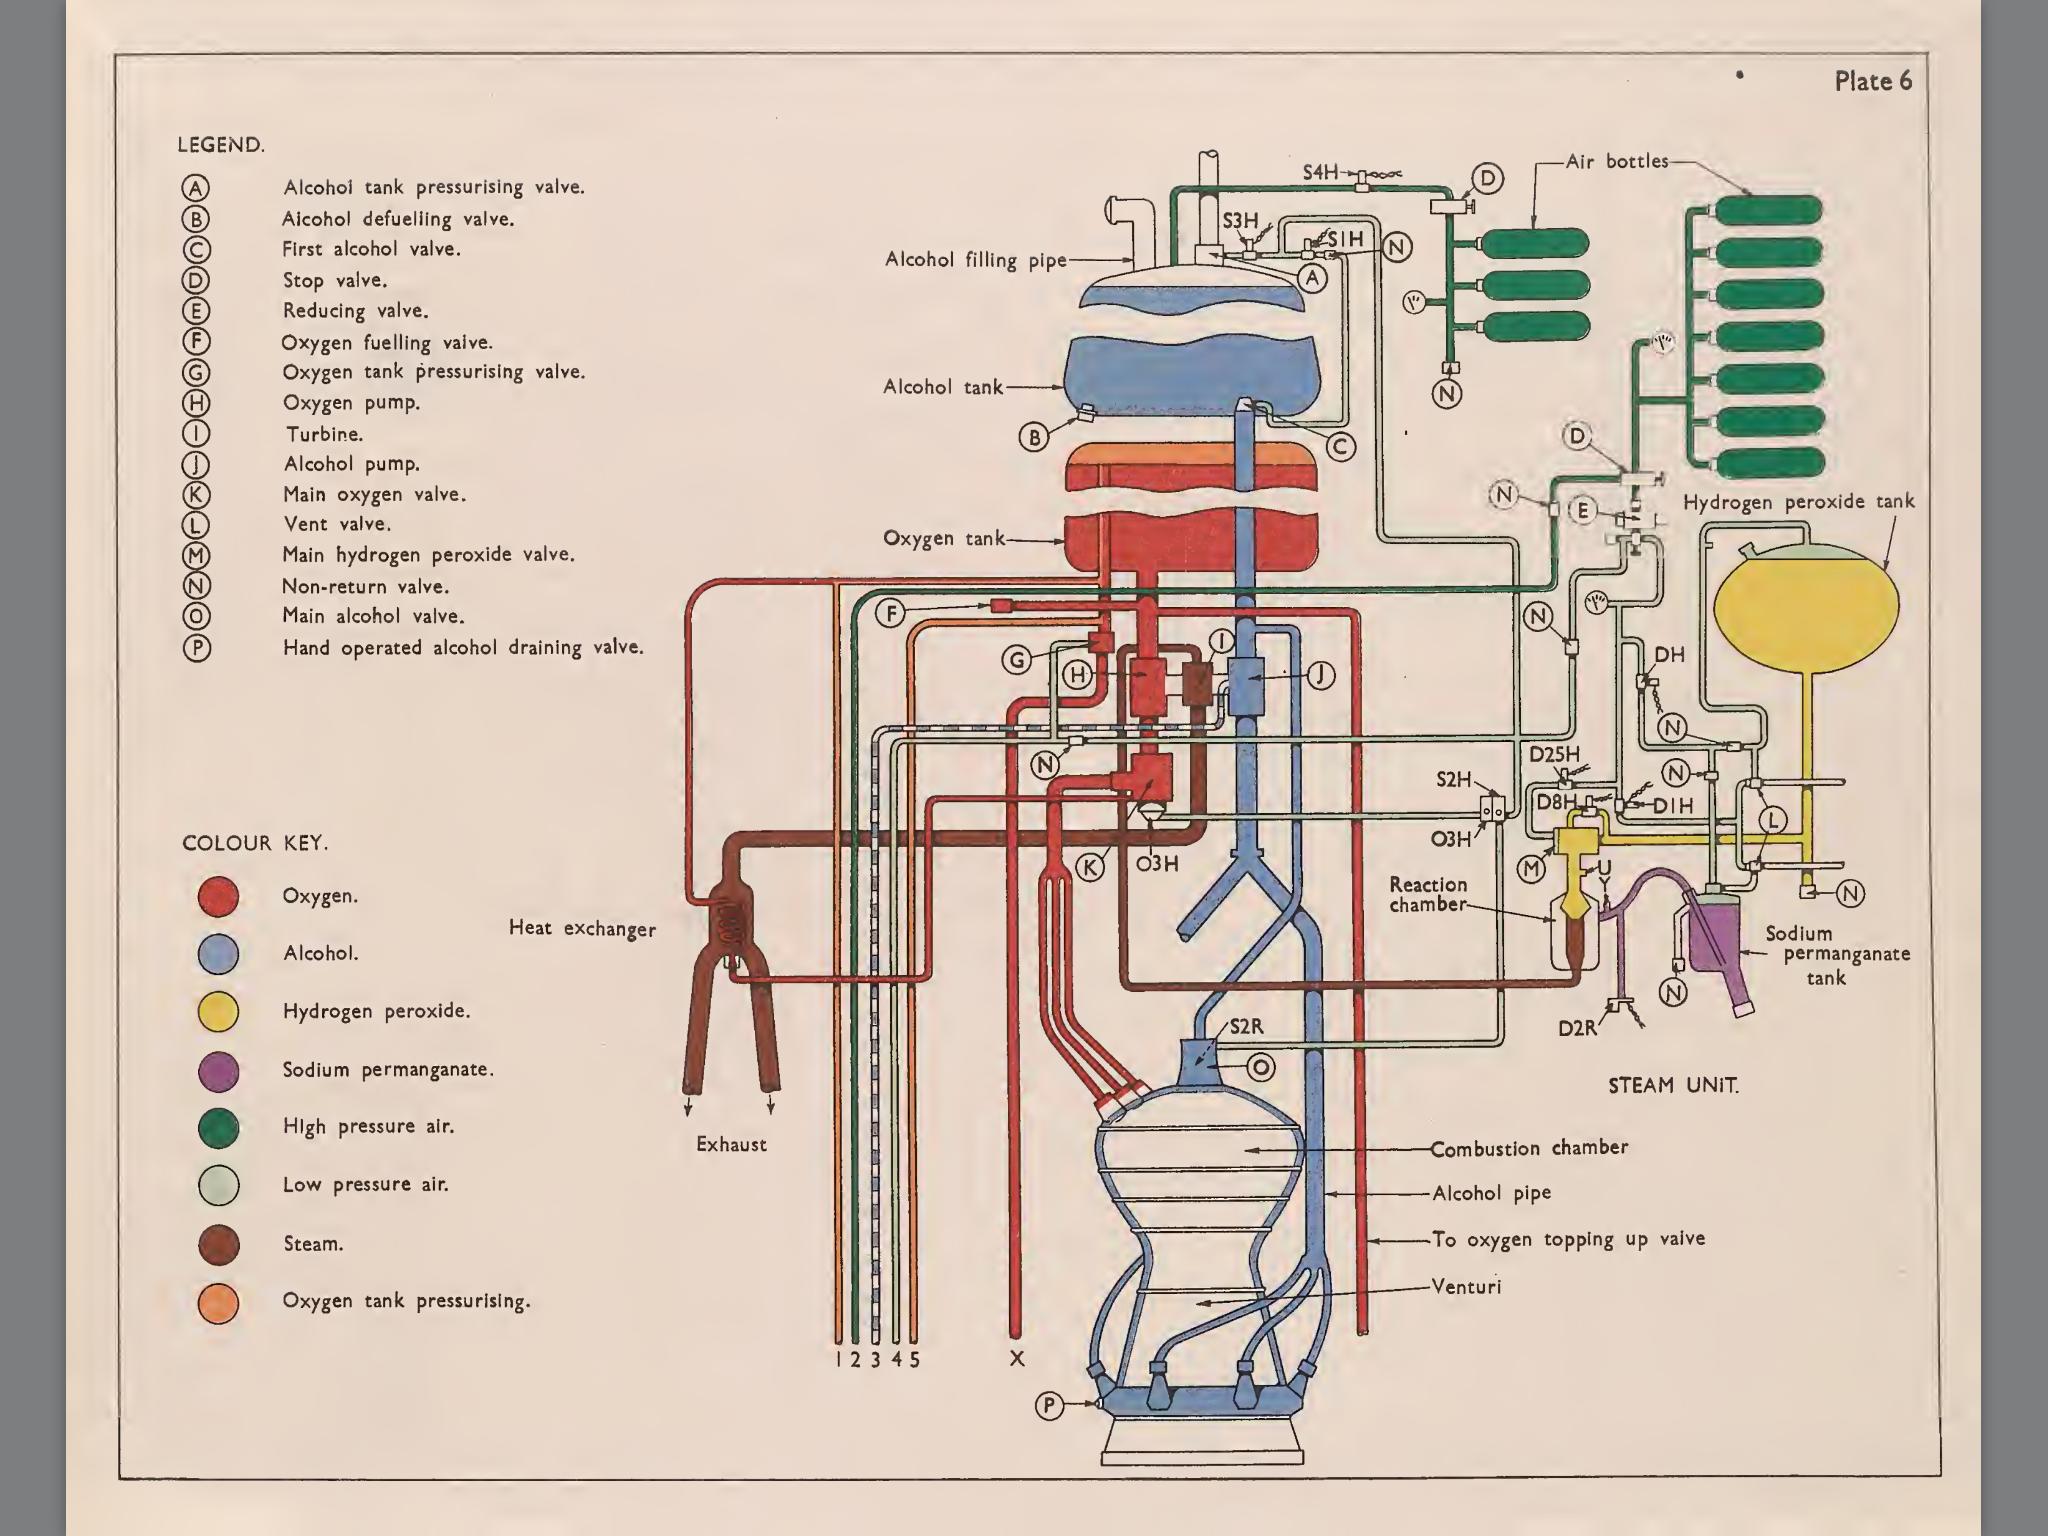 V2 rocket diagram Aerospace, Aviation, & Cosmos